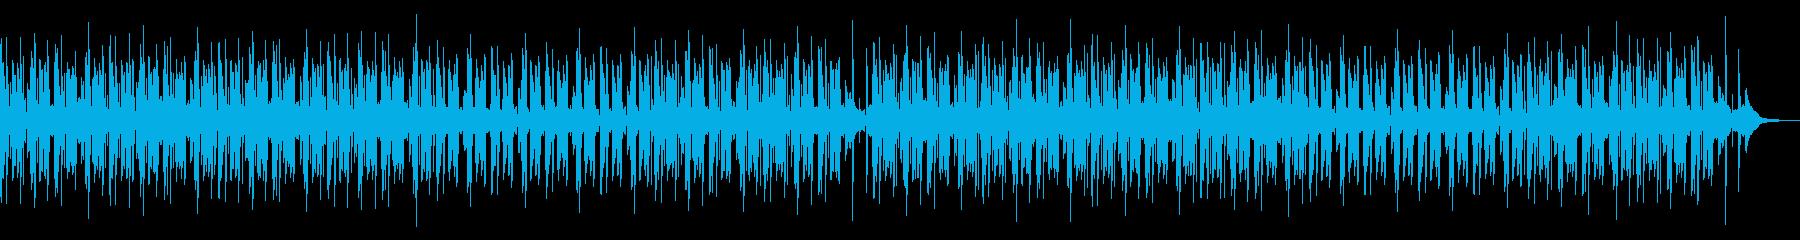 おしゃれCM・YouTubeエンディングの再生済みの波形